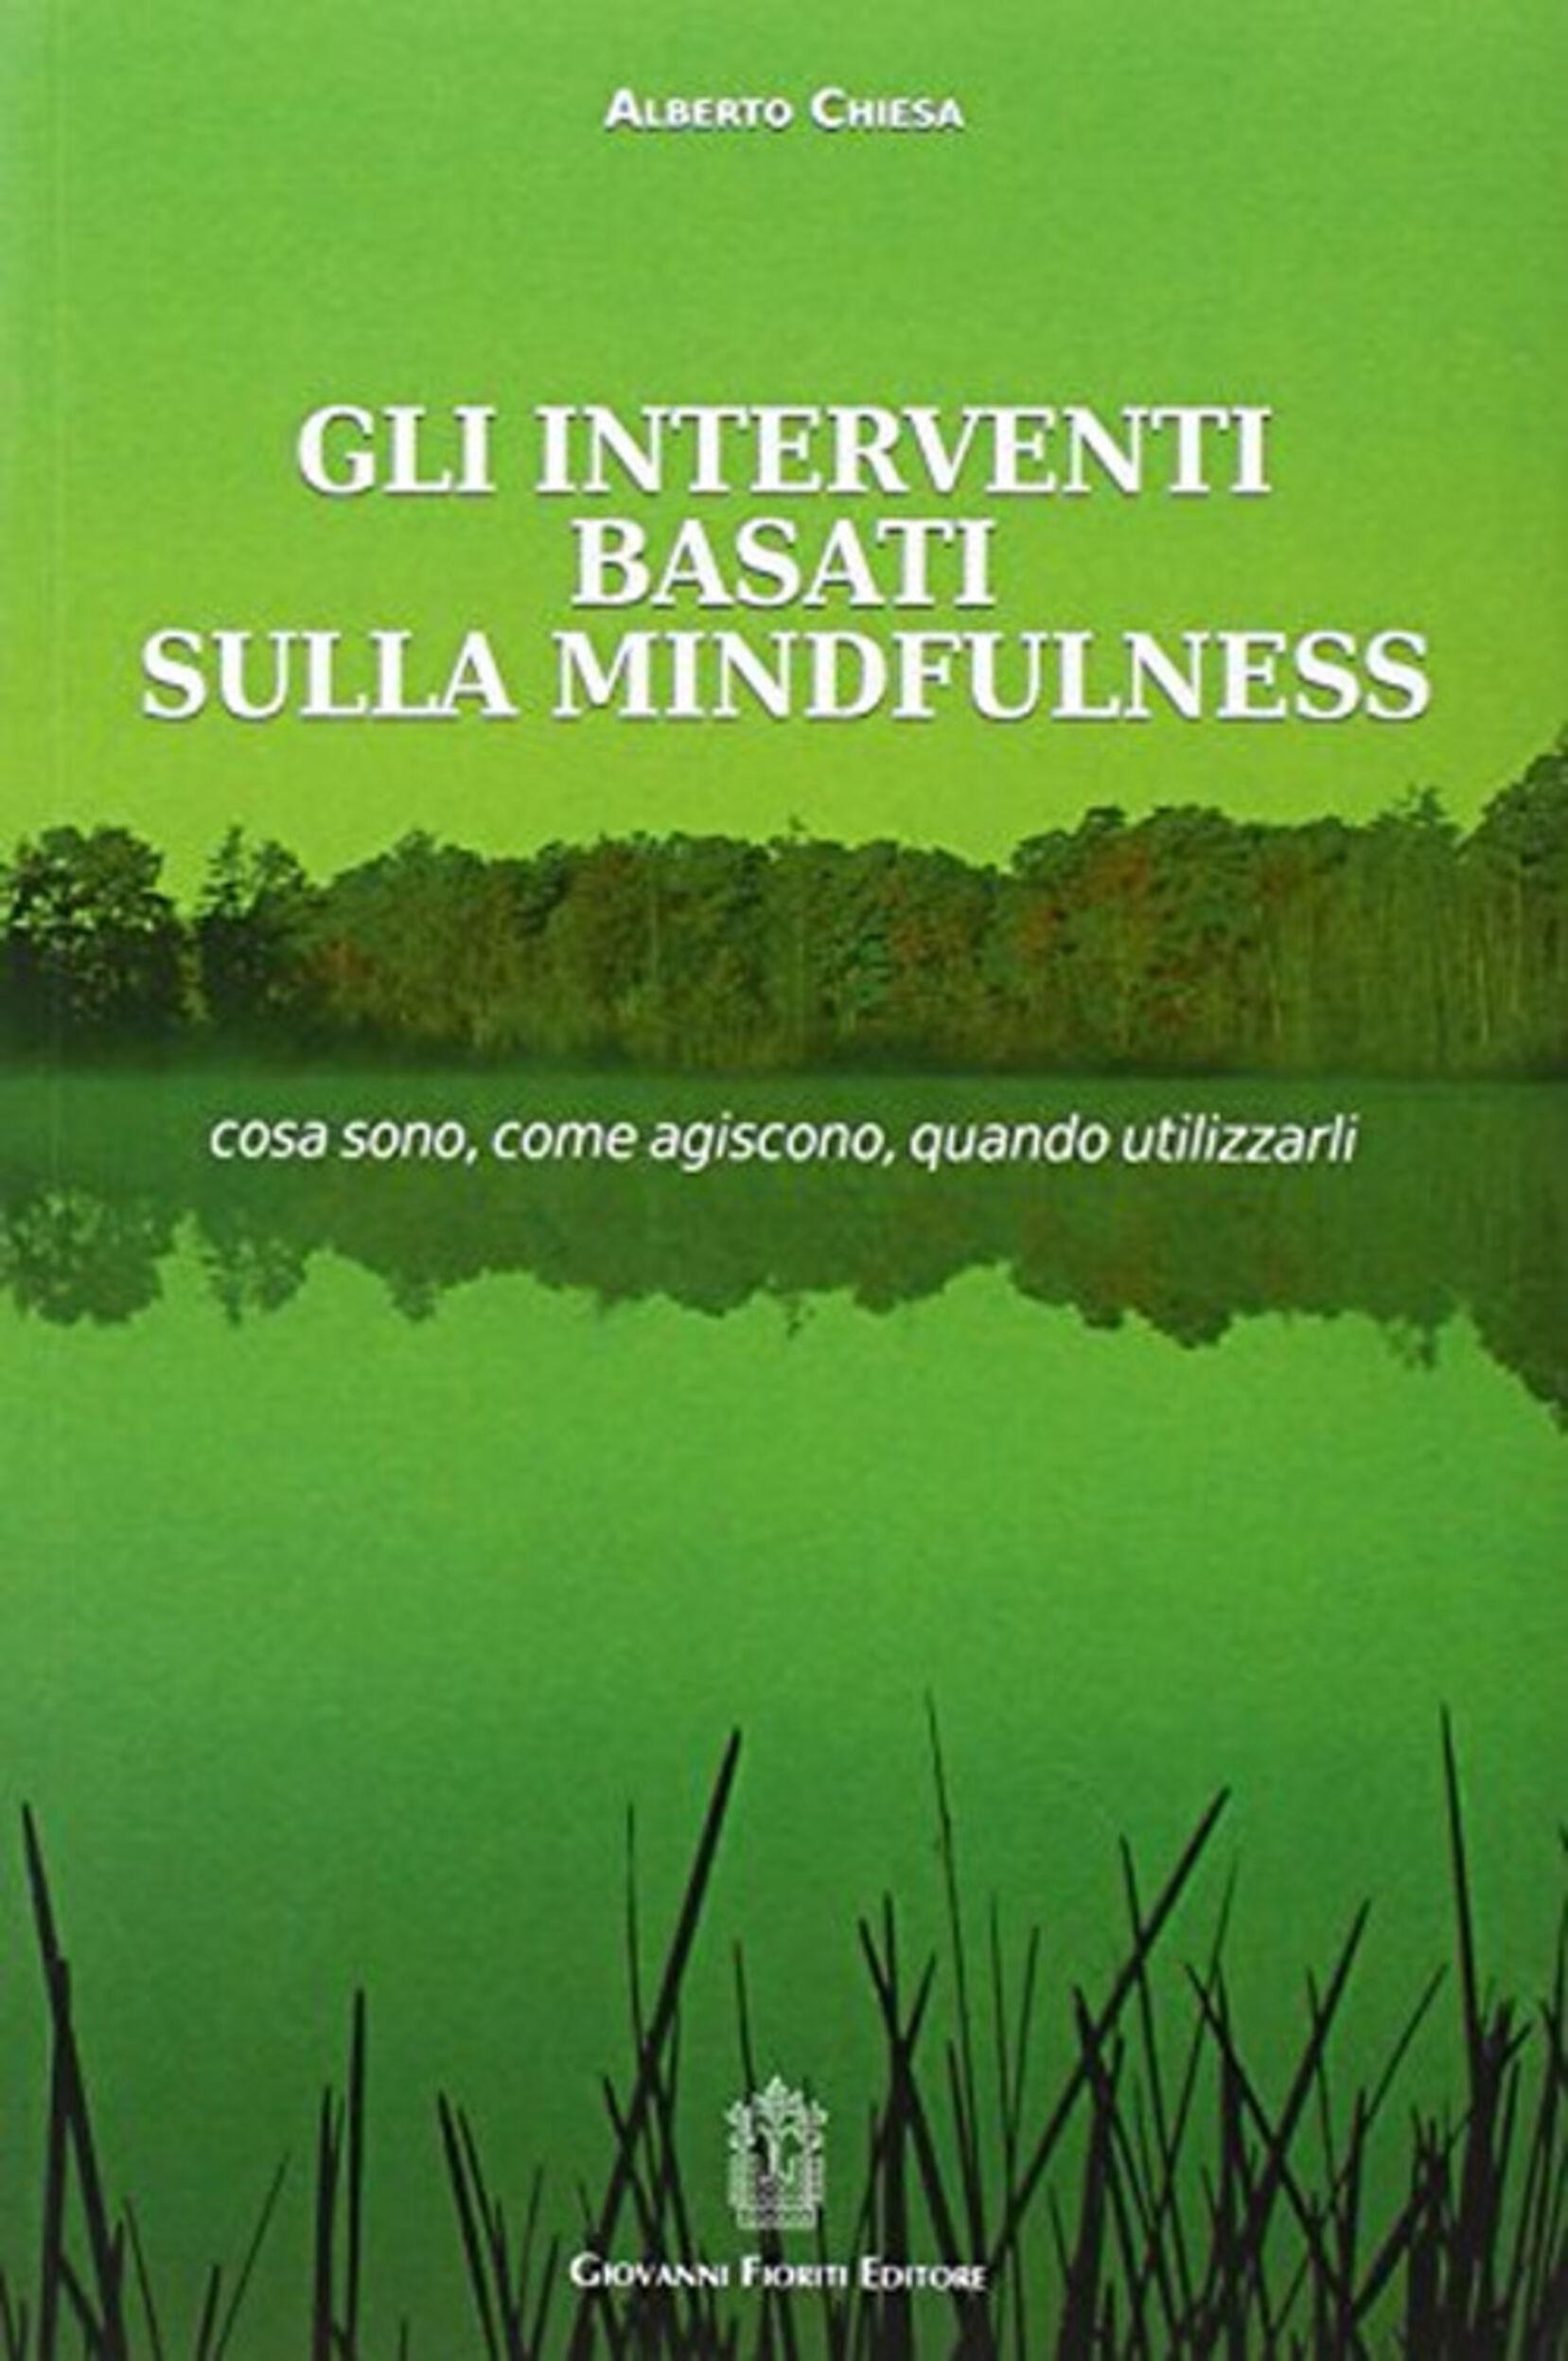 Gli interventi basati sulla mindfulness